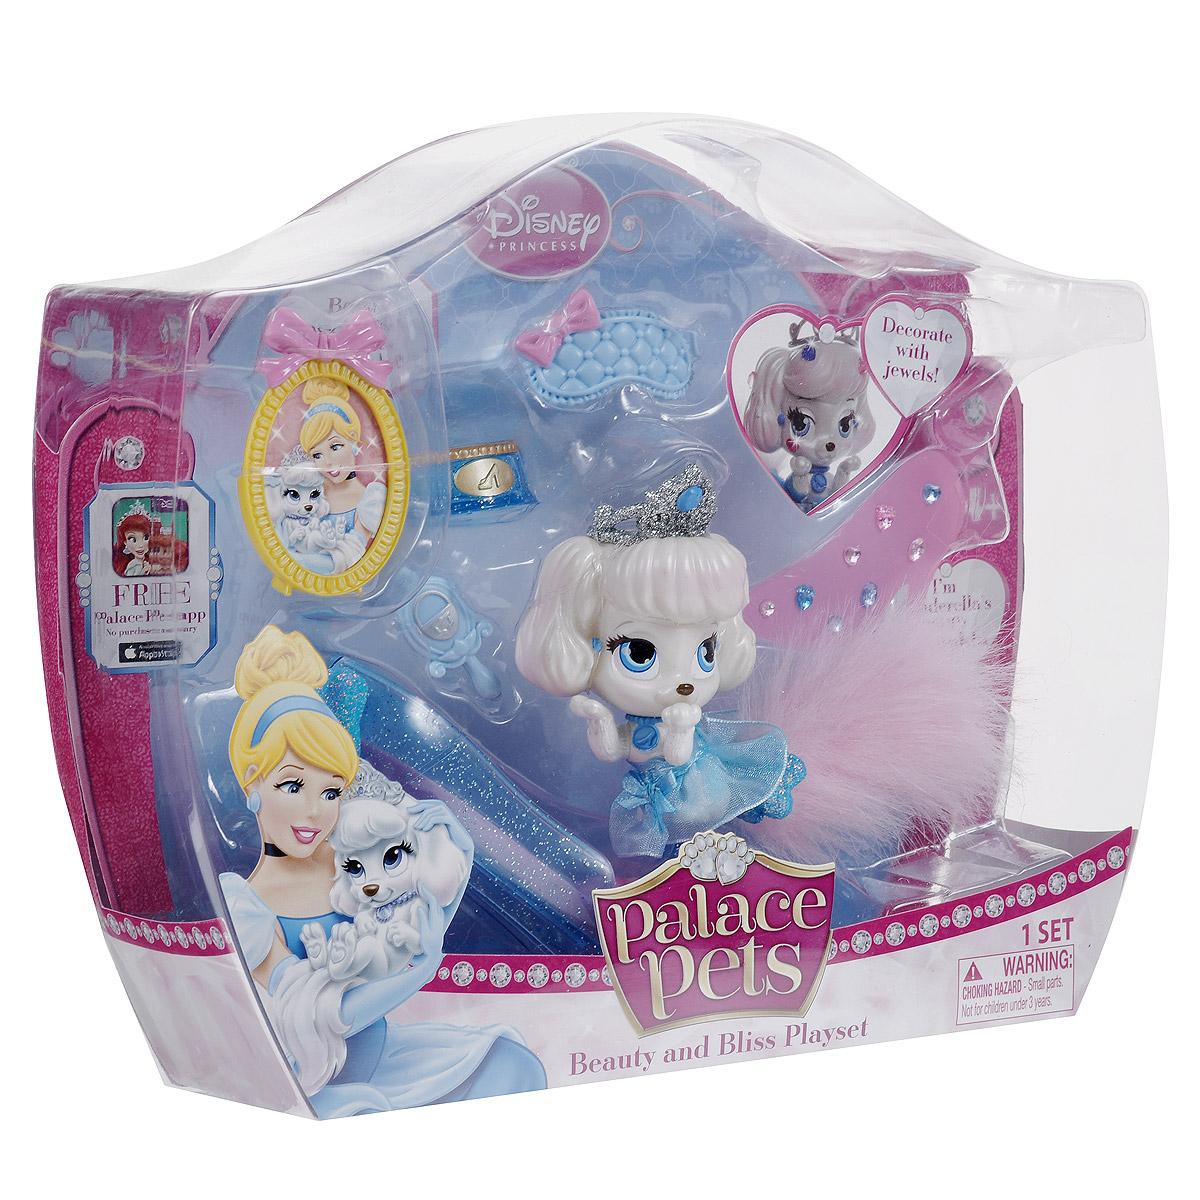 Palace Pets Щенок Pumpkin Питомец Золушки palace pets игровой набор пони невеличка питомец бель